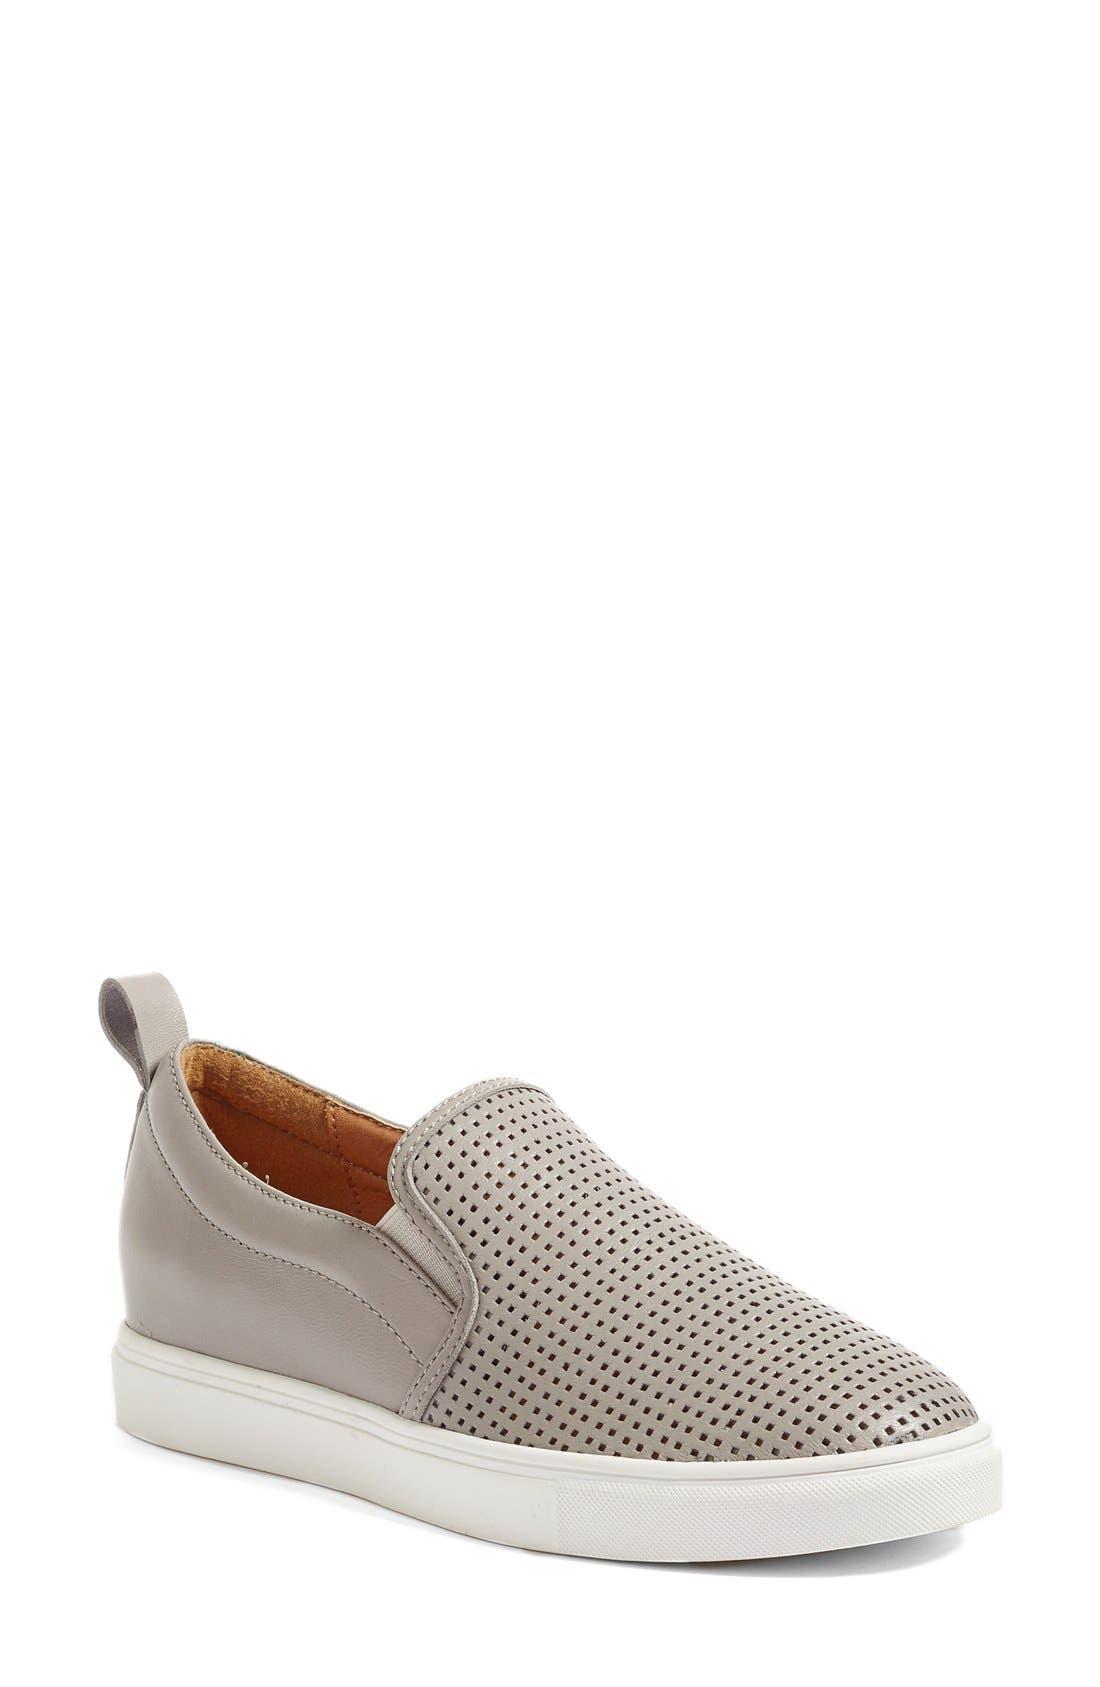 Alternate Image 1 Selected - Caslon® Eden Perforated Slip-On Sneaker (Women)